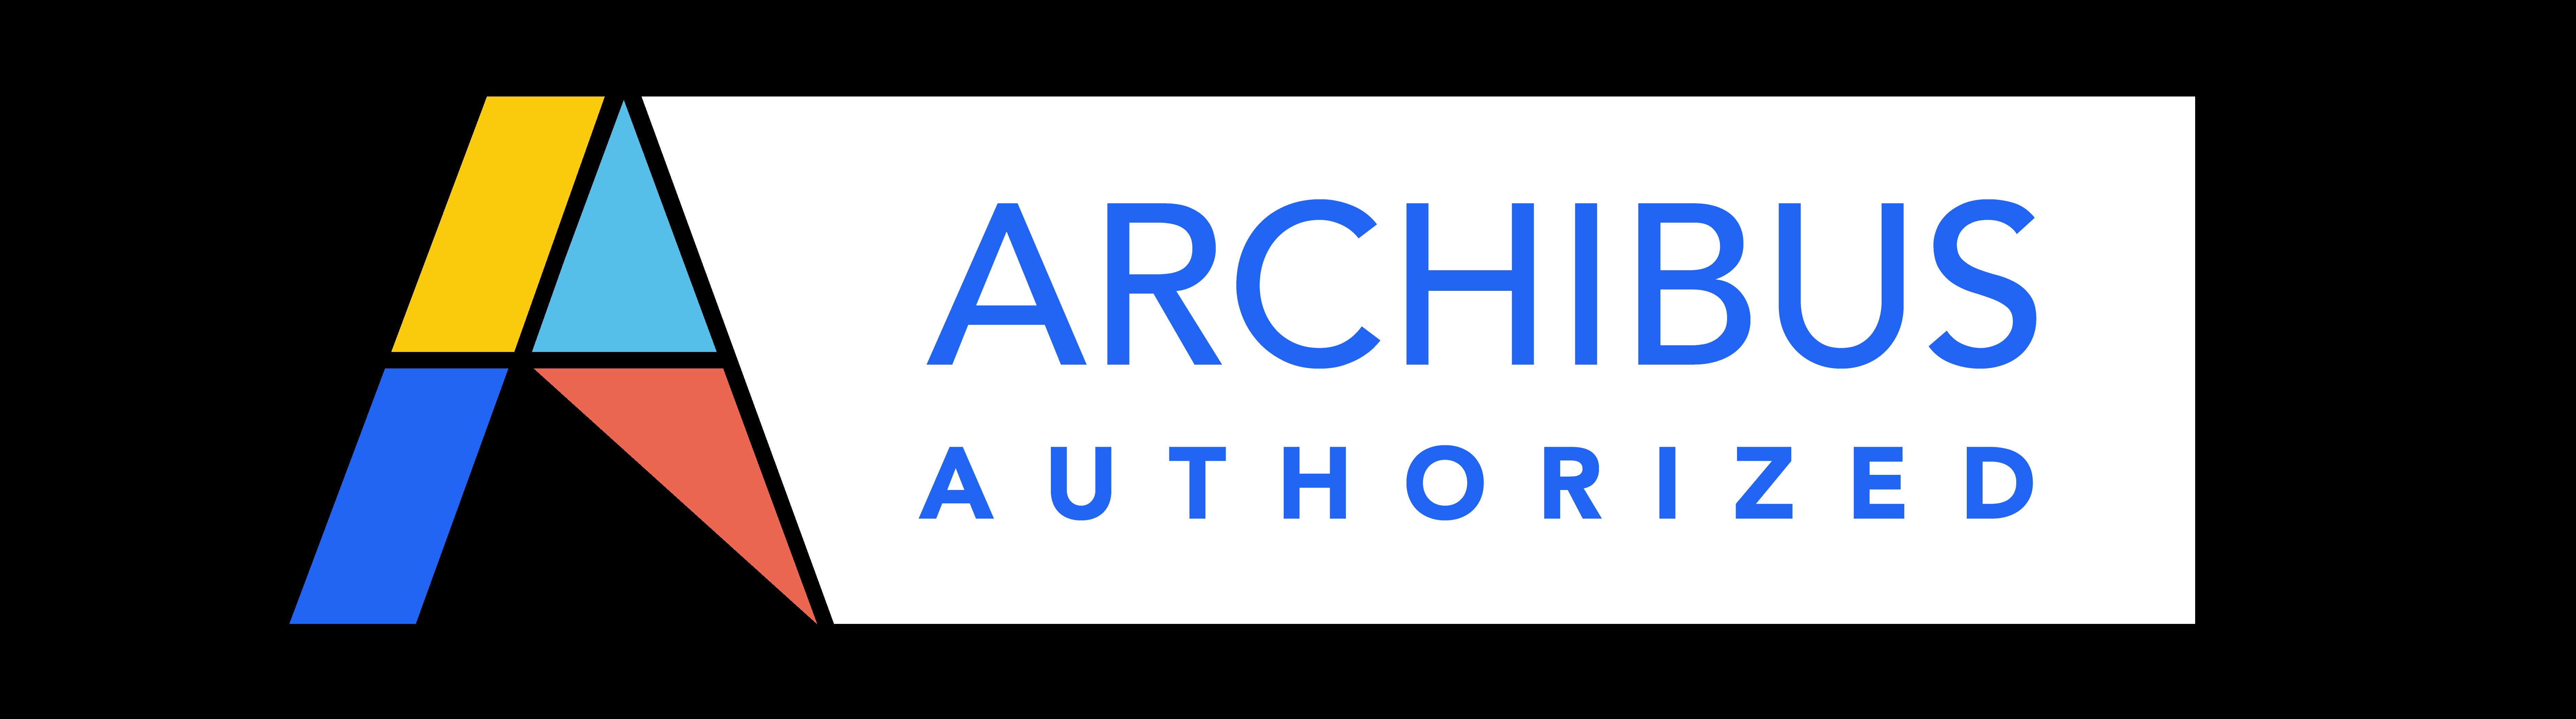 Archibus - parceiras DTWAy Digitalização de Edificios com plataforma de Facility Management em Portugal